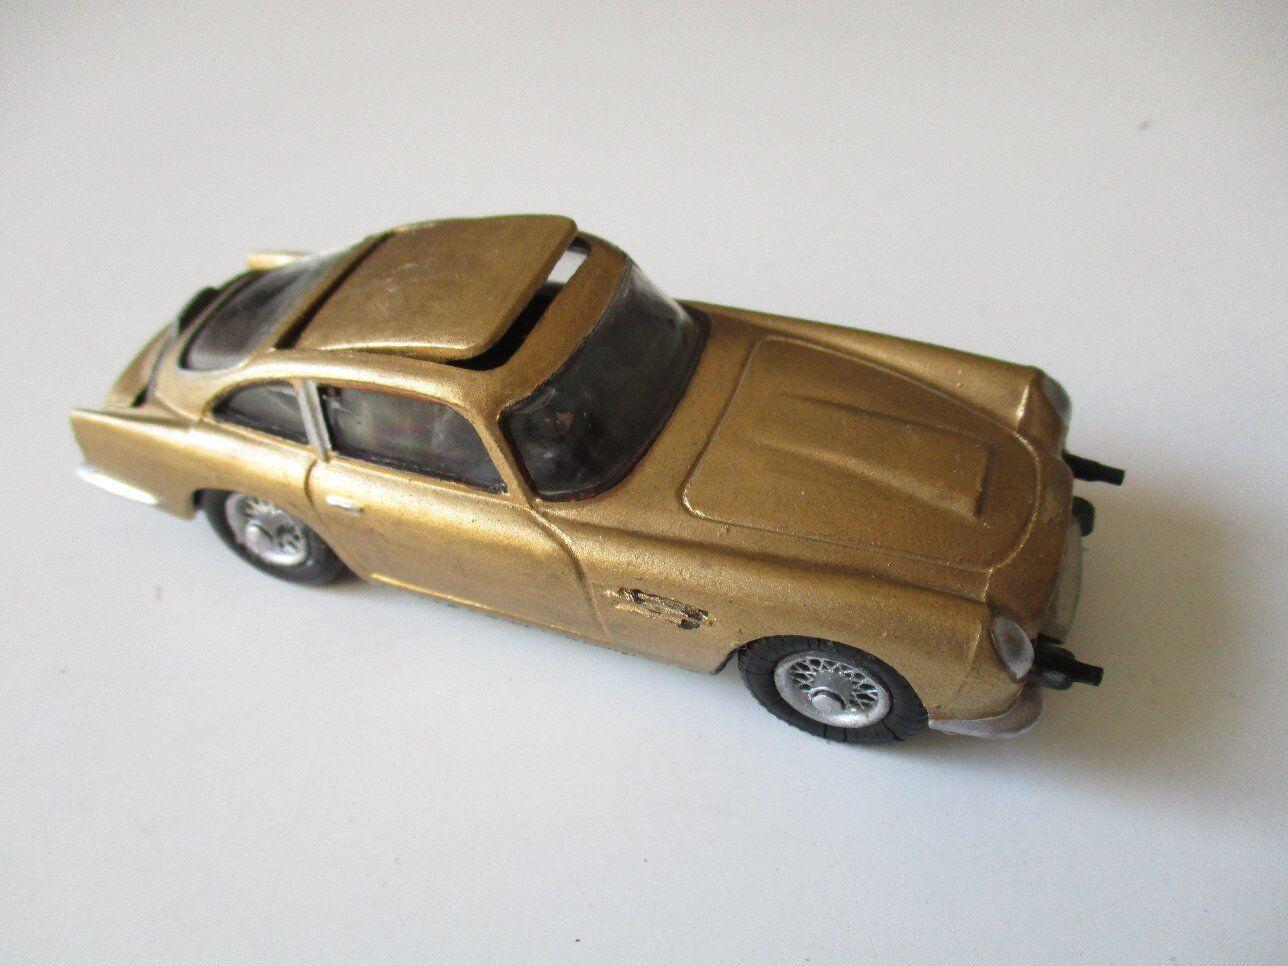 Corgi spielzeug modellauto angelegt haben james - bond - aston martin db5 Gold + waren figuren 60er jahre